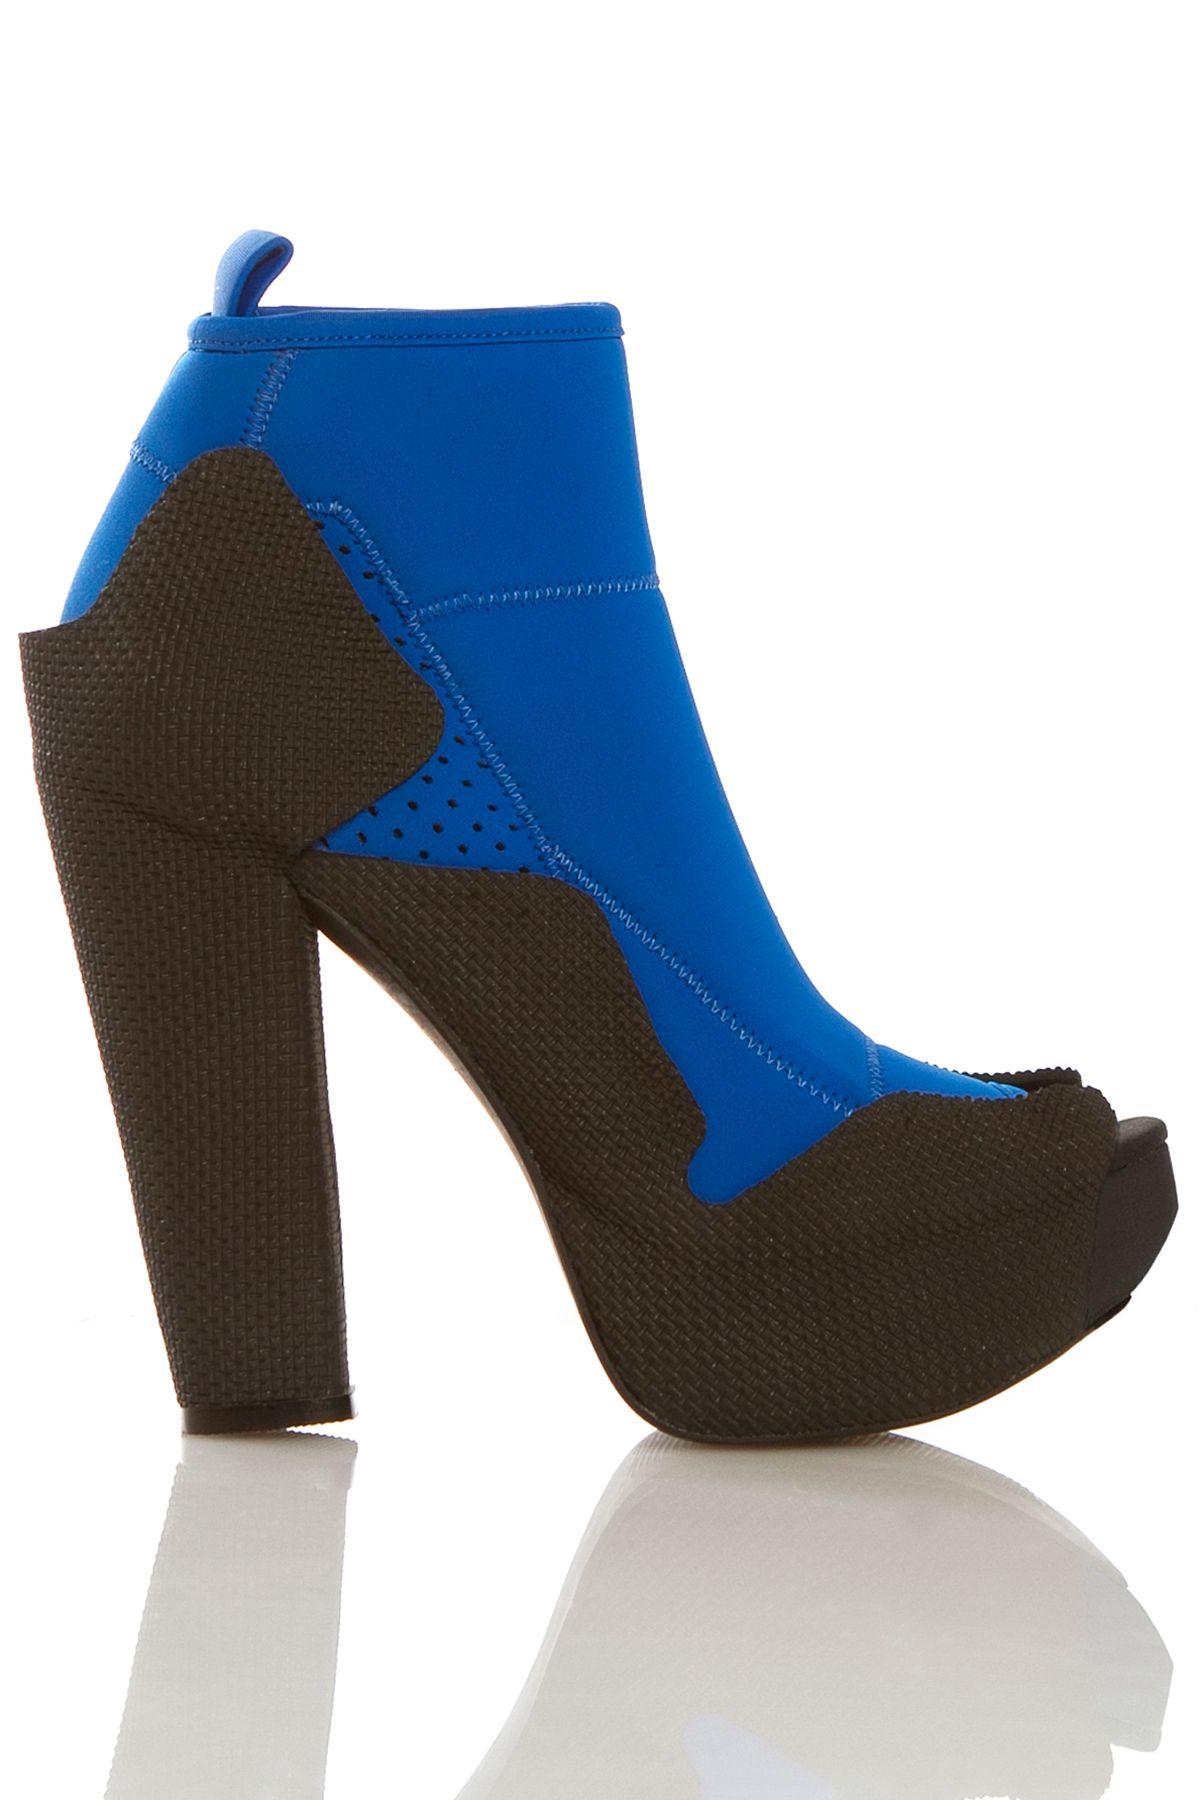 27637_1-shoe-blu.jpg (1200×1800)